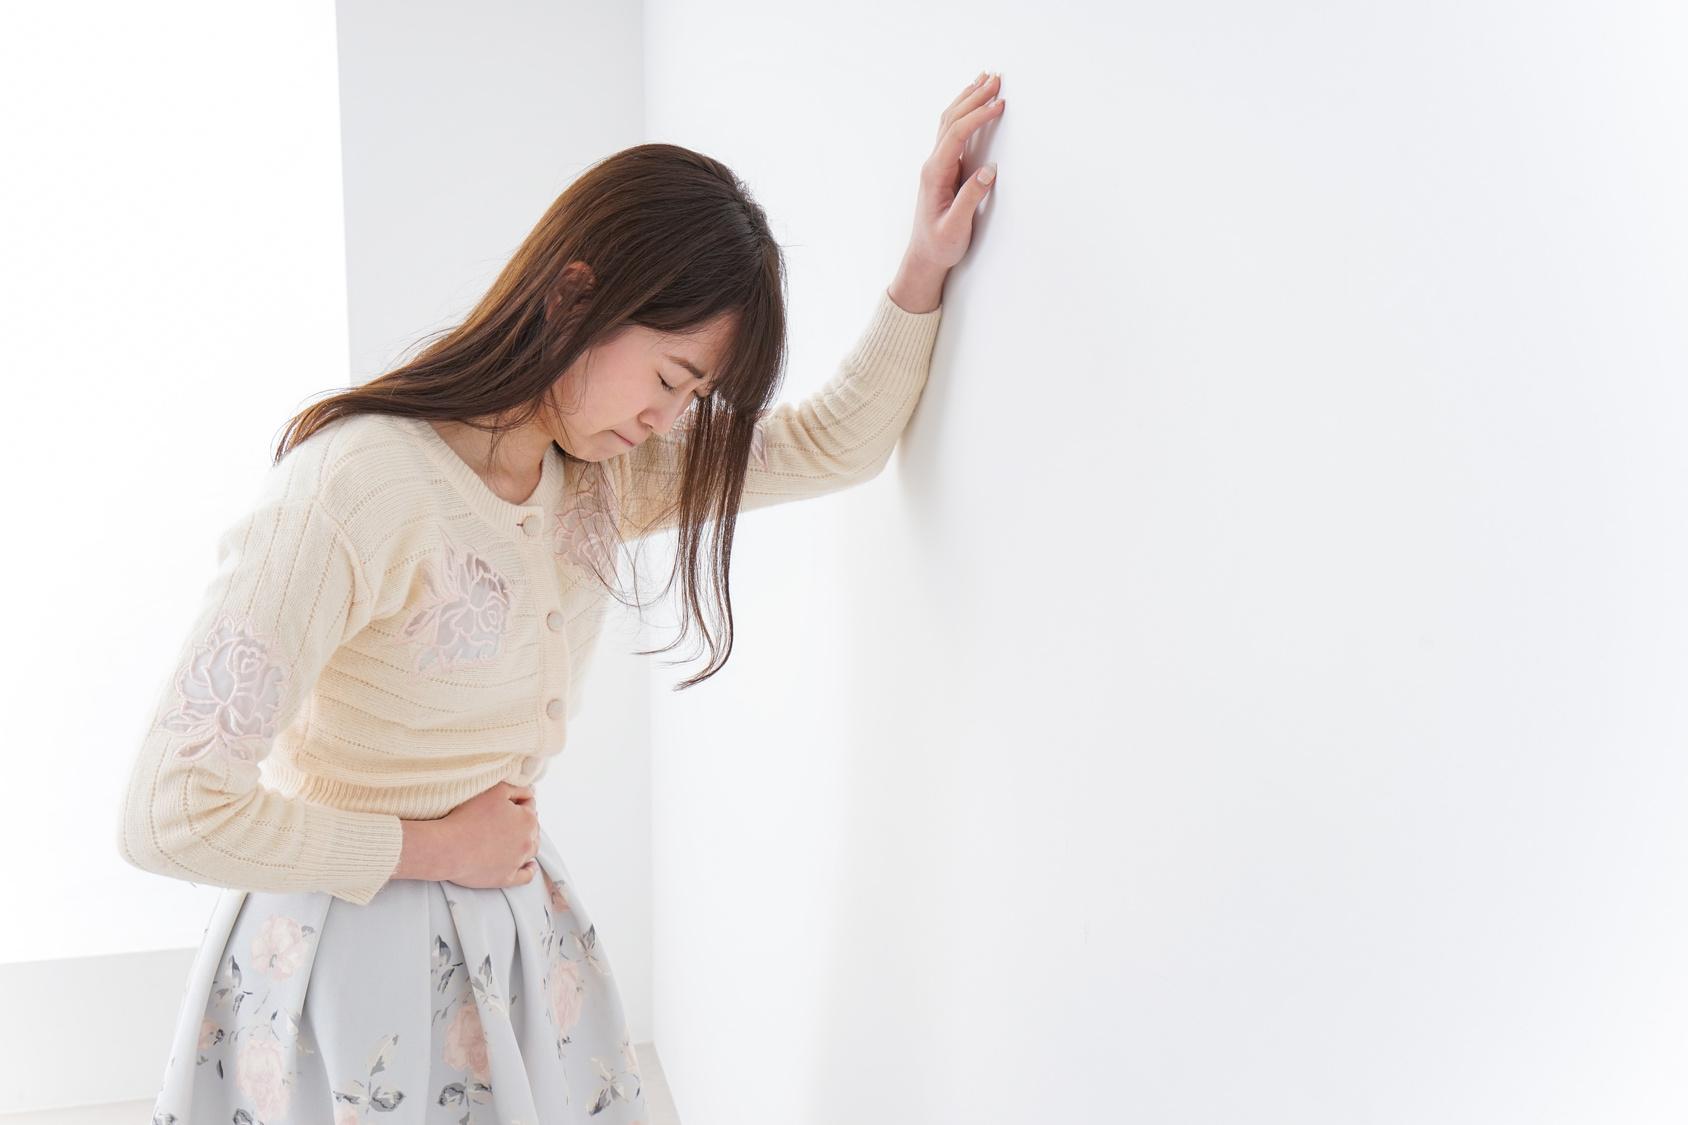 生理 の 張り と の 胸 違い 妊娠 前